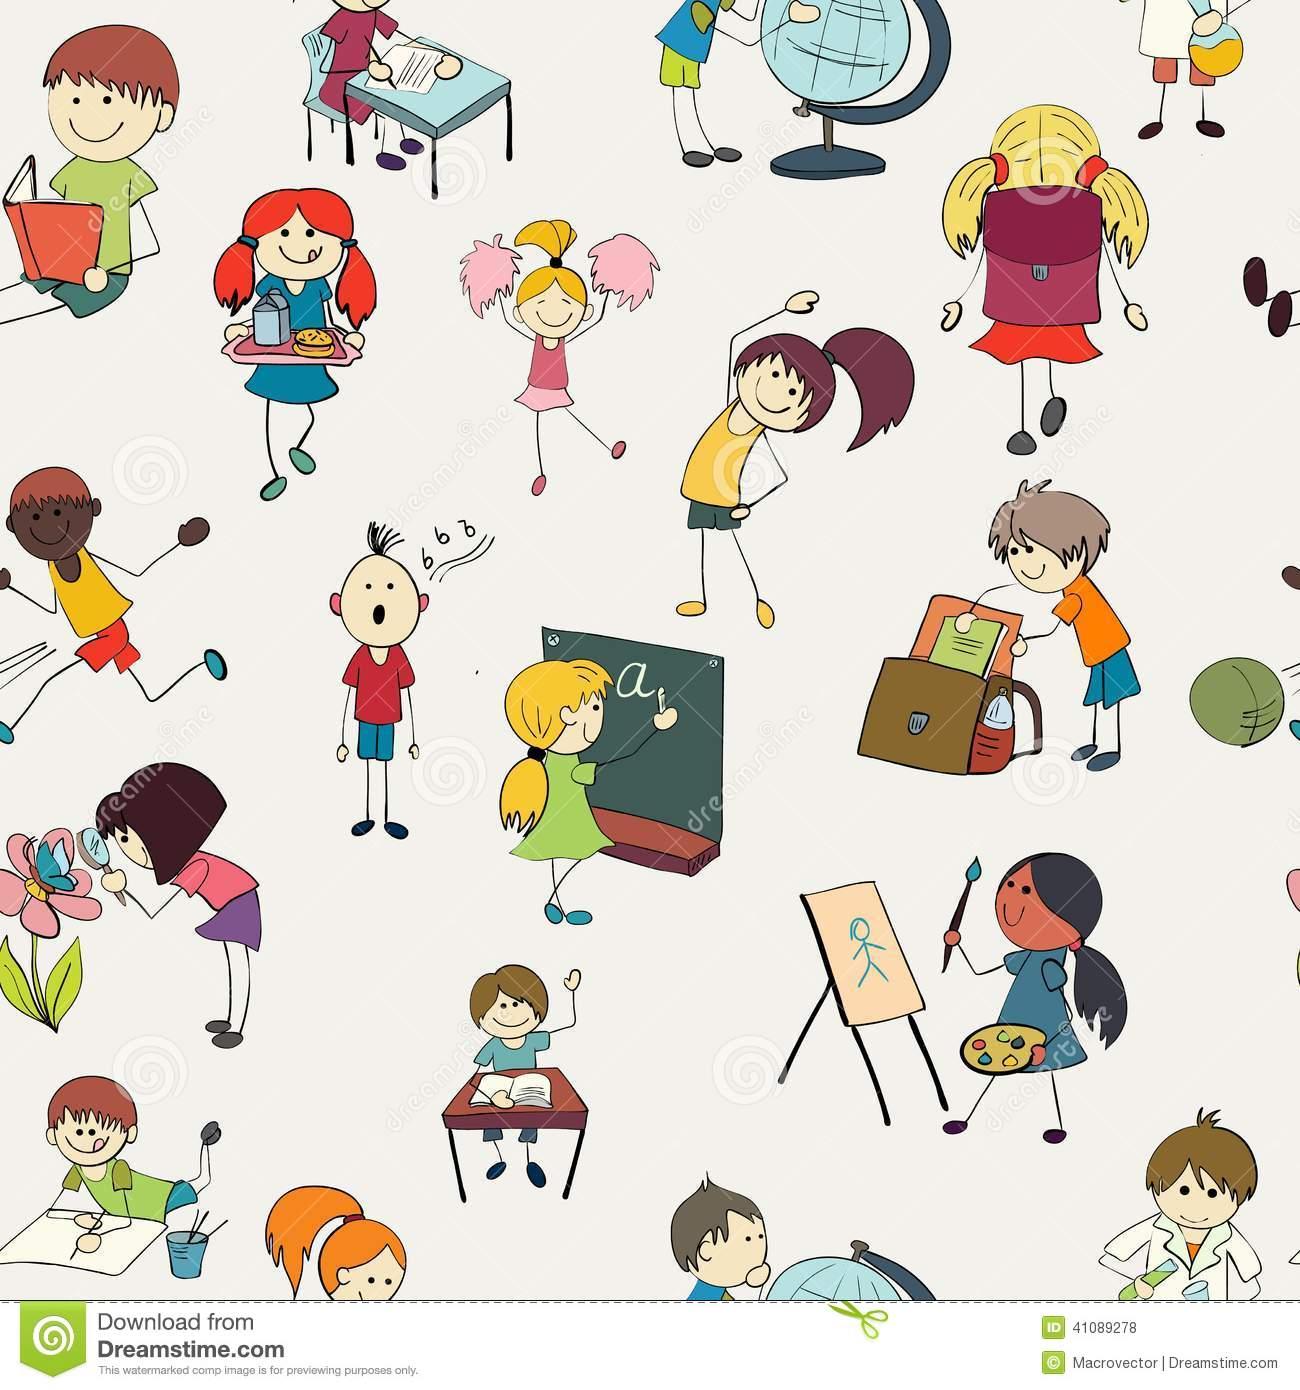 clipart school activities - photo #8